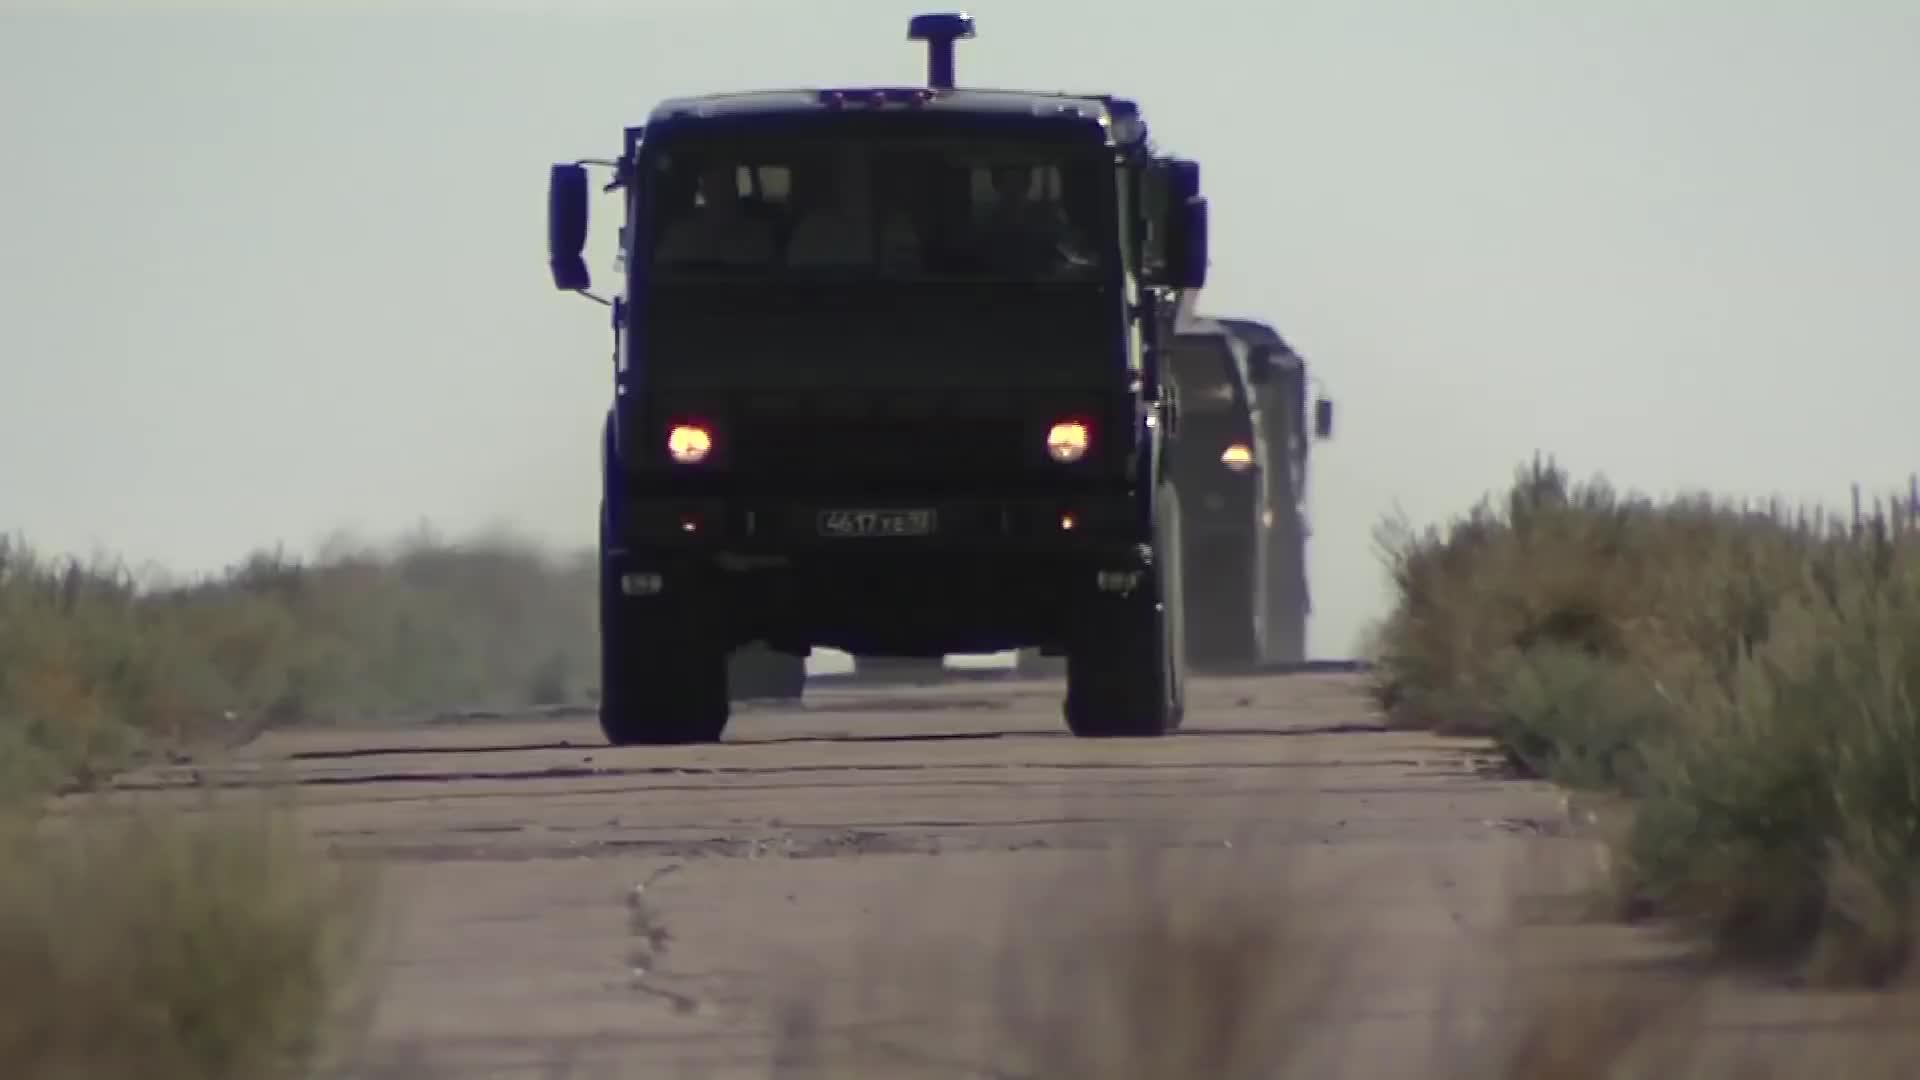 [视频]别欺人太甚!俄军再射一型重磅武器 组合拳打的美国应接不暇